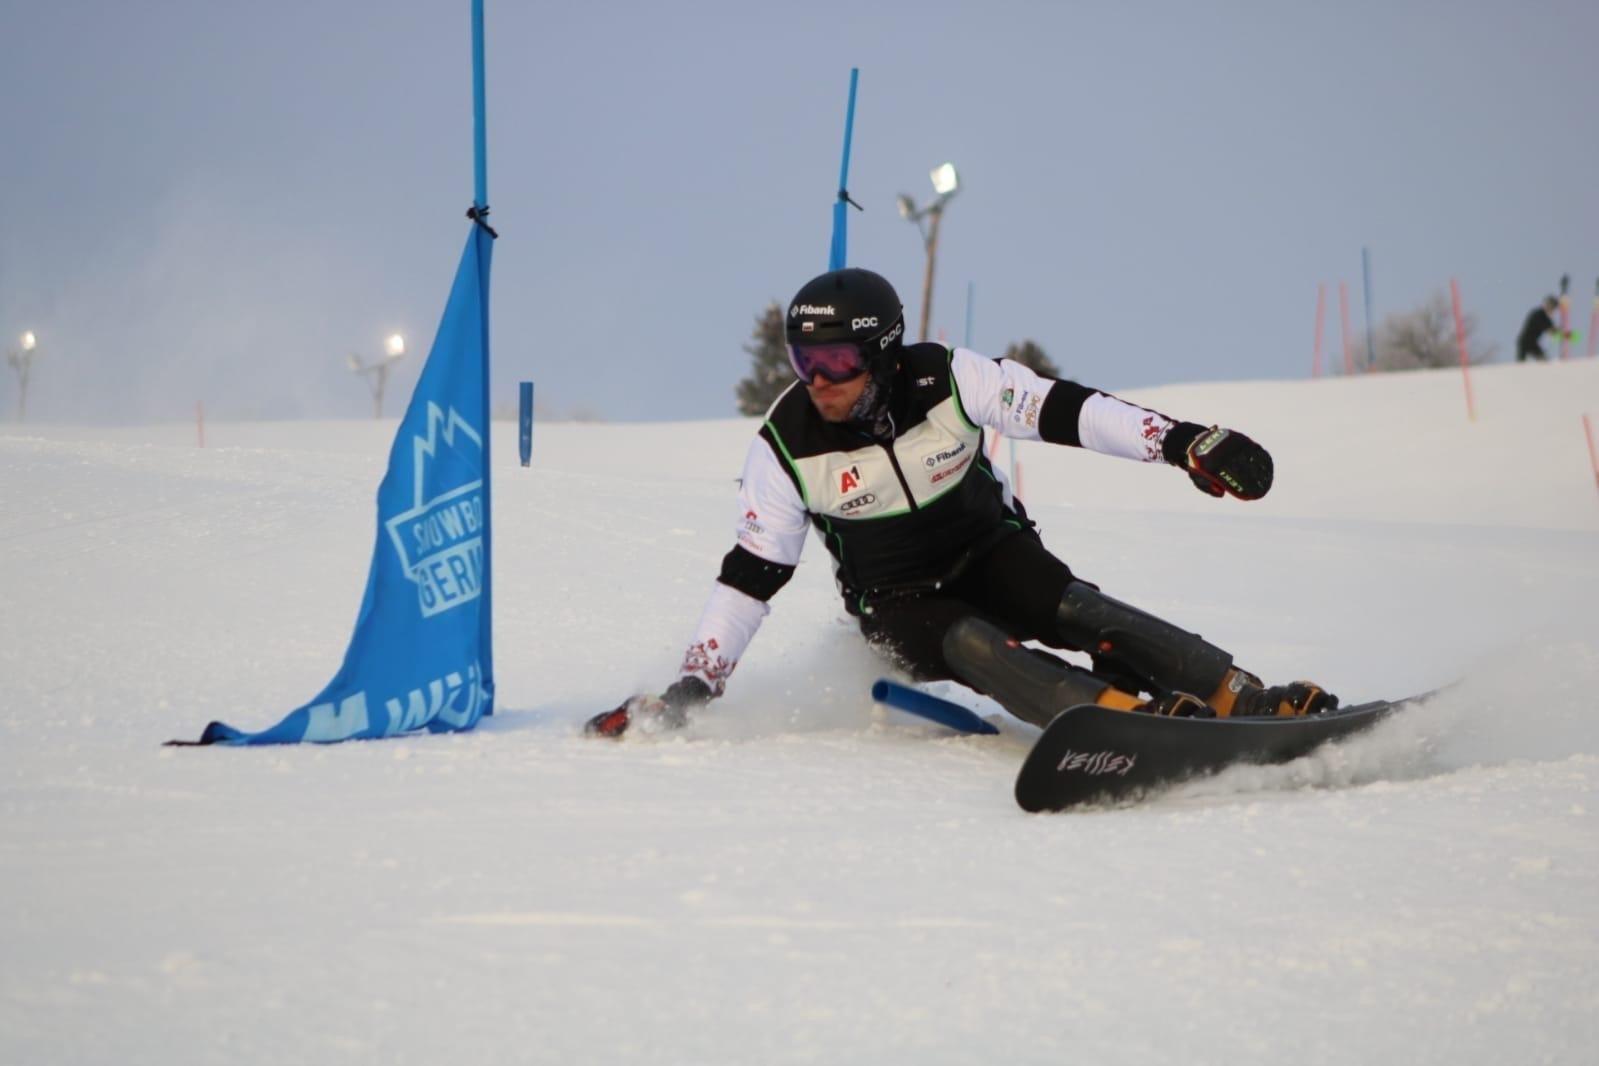 Най-добрият български сноубордист Радослав Янков провежда в момента последния си